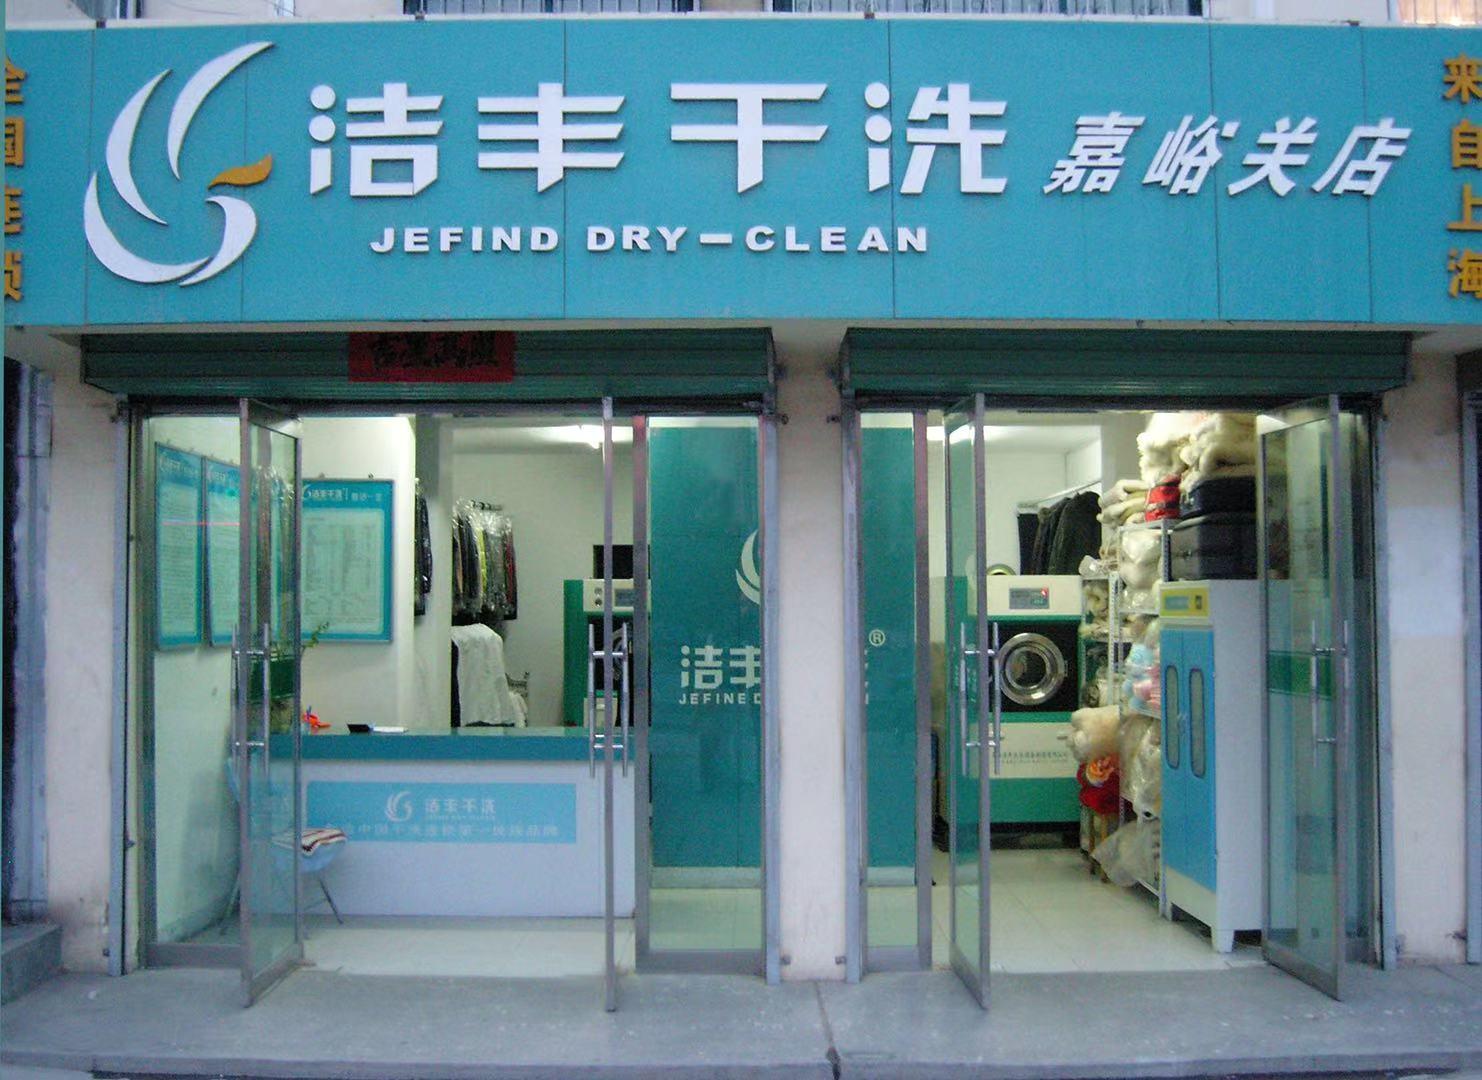 开干洗店加盟的利润成本有多少